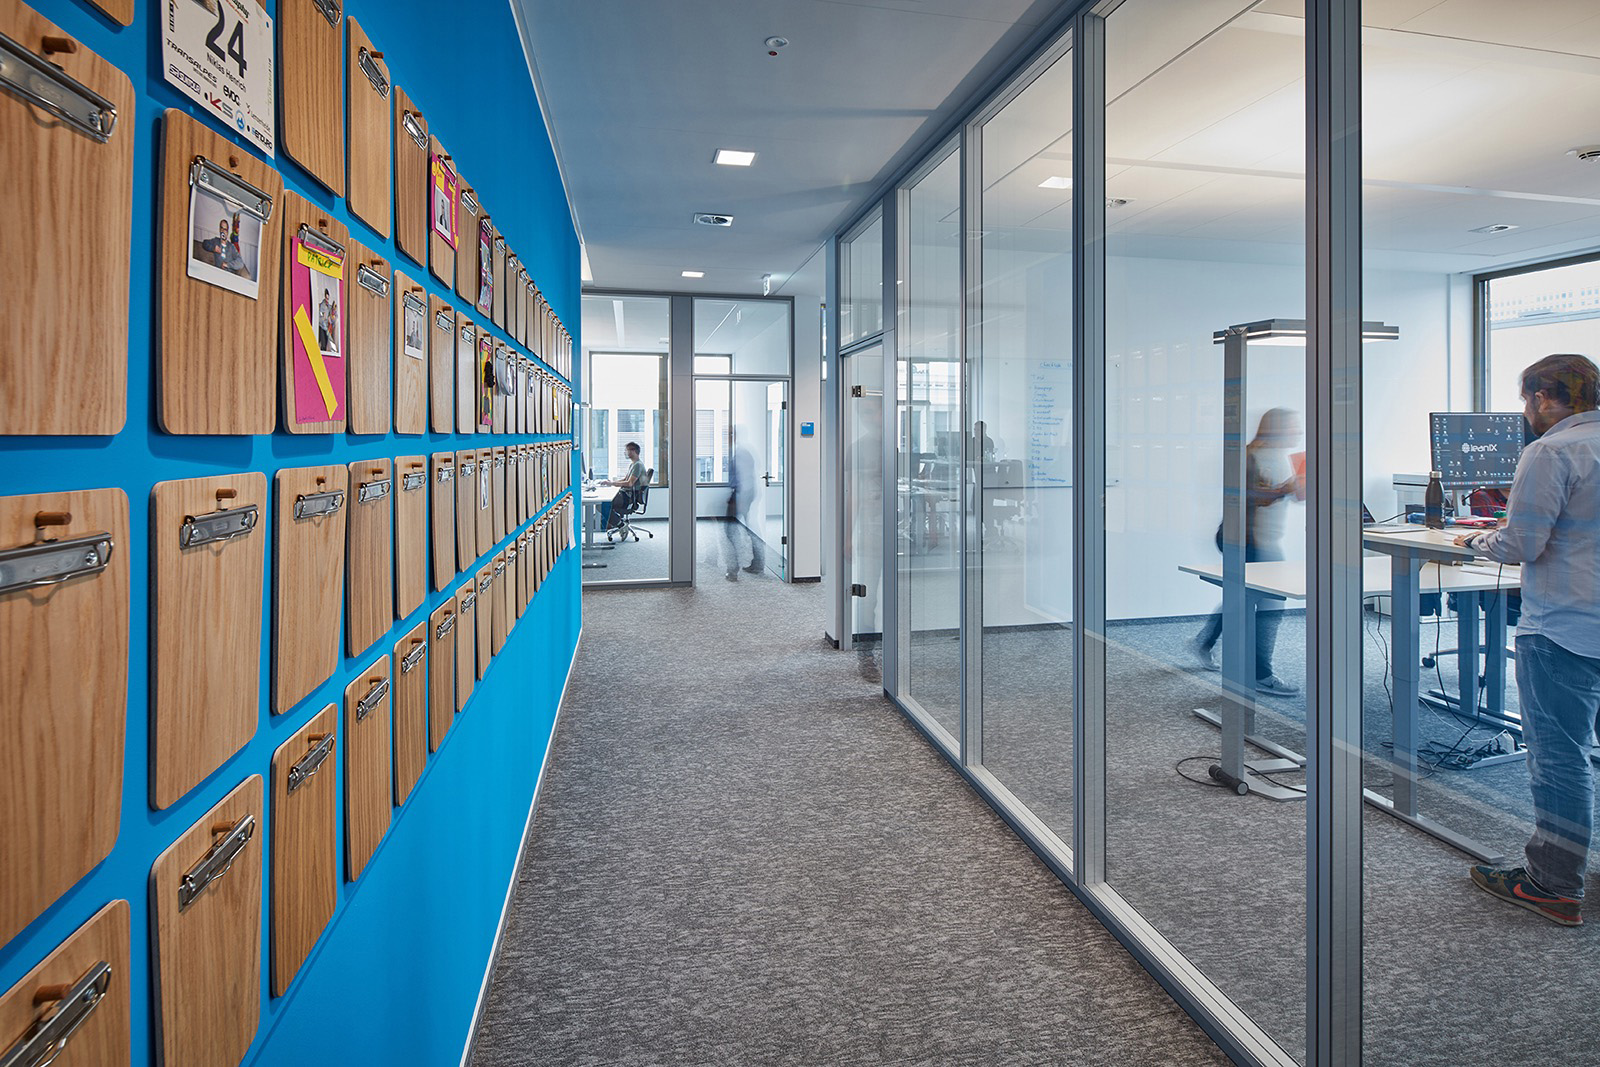 Painel com pranchetas para interação dos profissionais no escritório da LeanIX, Bonn, Alemanha. Crédito reprodução: officelovin